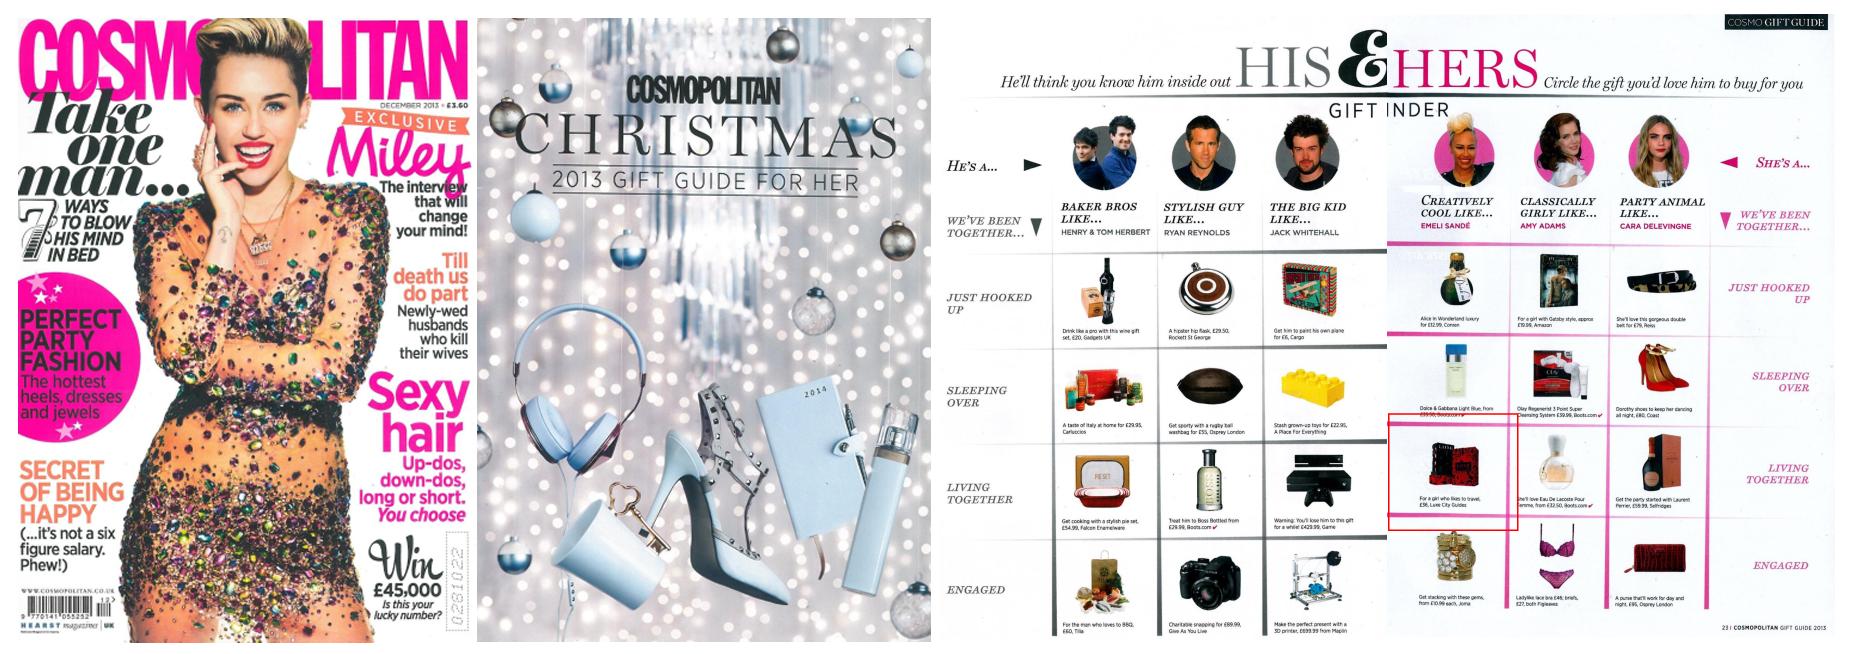 Cosmopolitan UK - December, 2013